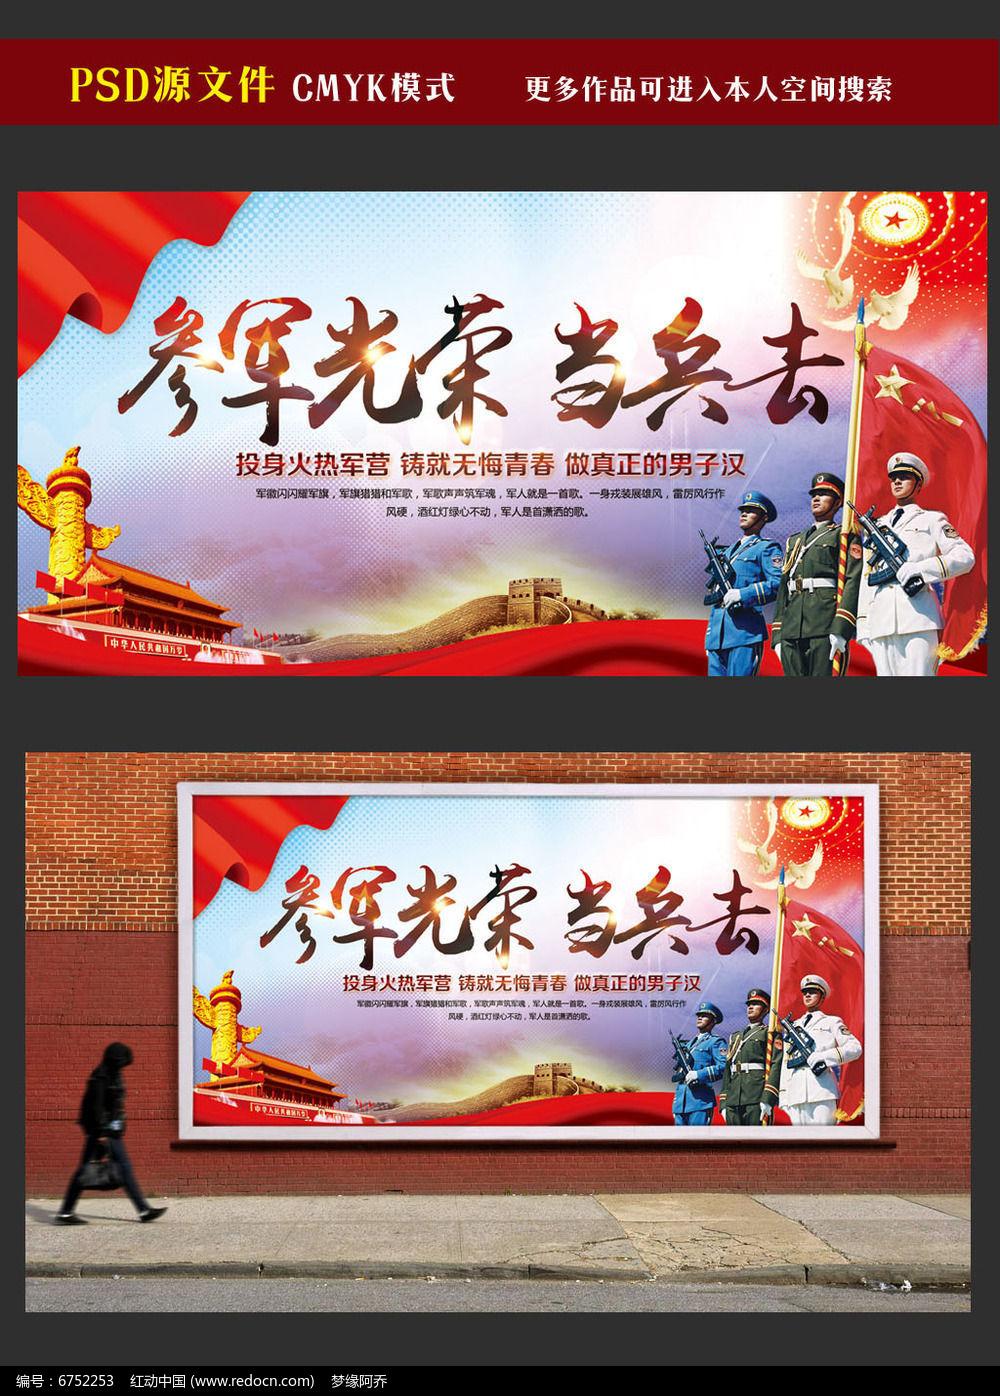 原创设计稿 海报设计/宣传单/广告牌 海报设计 参军光荣部队征兵海报